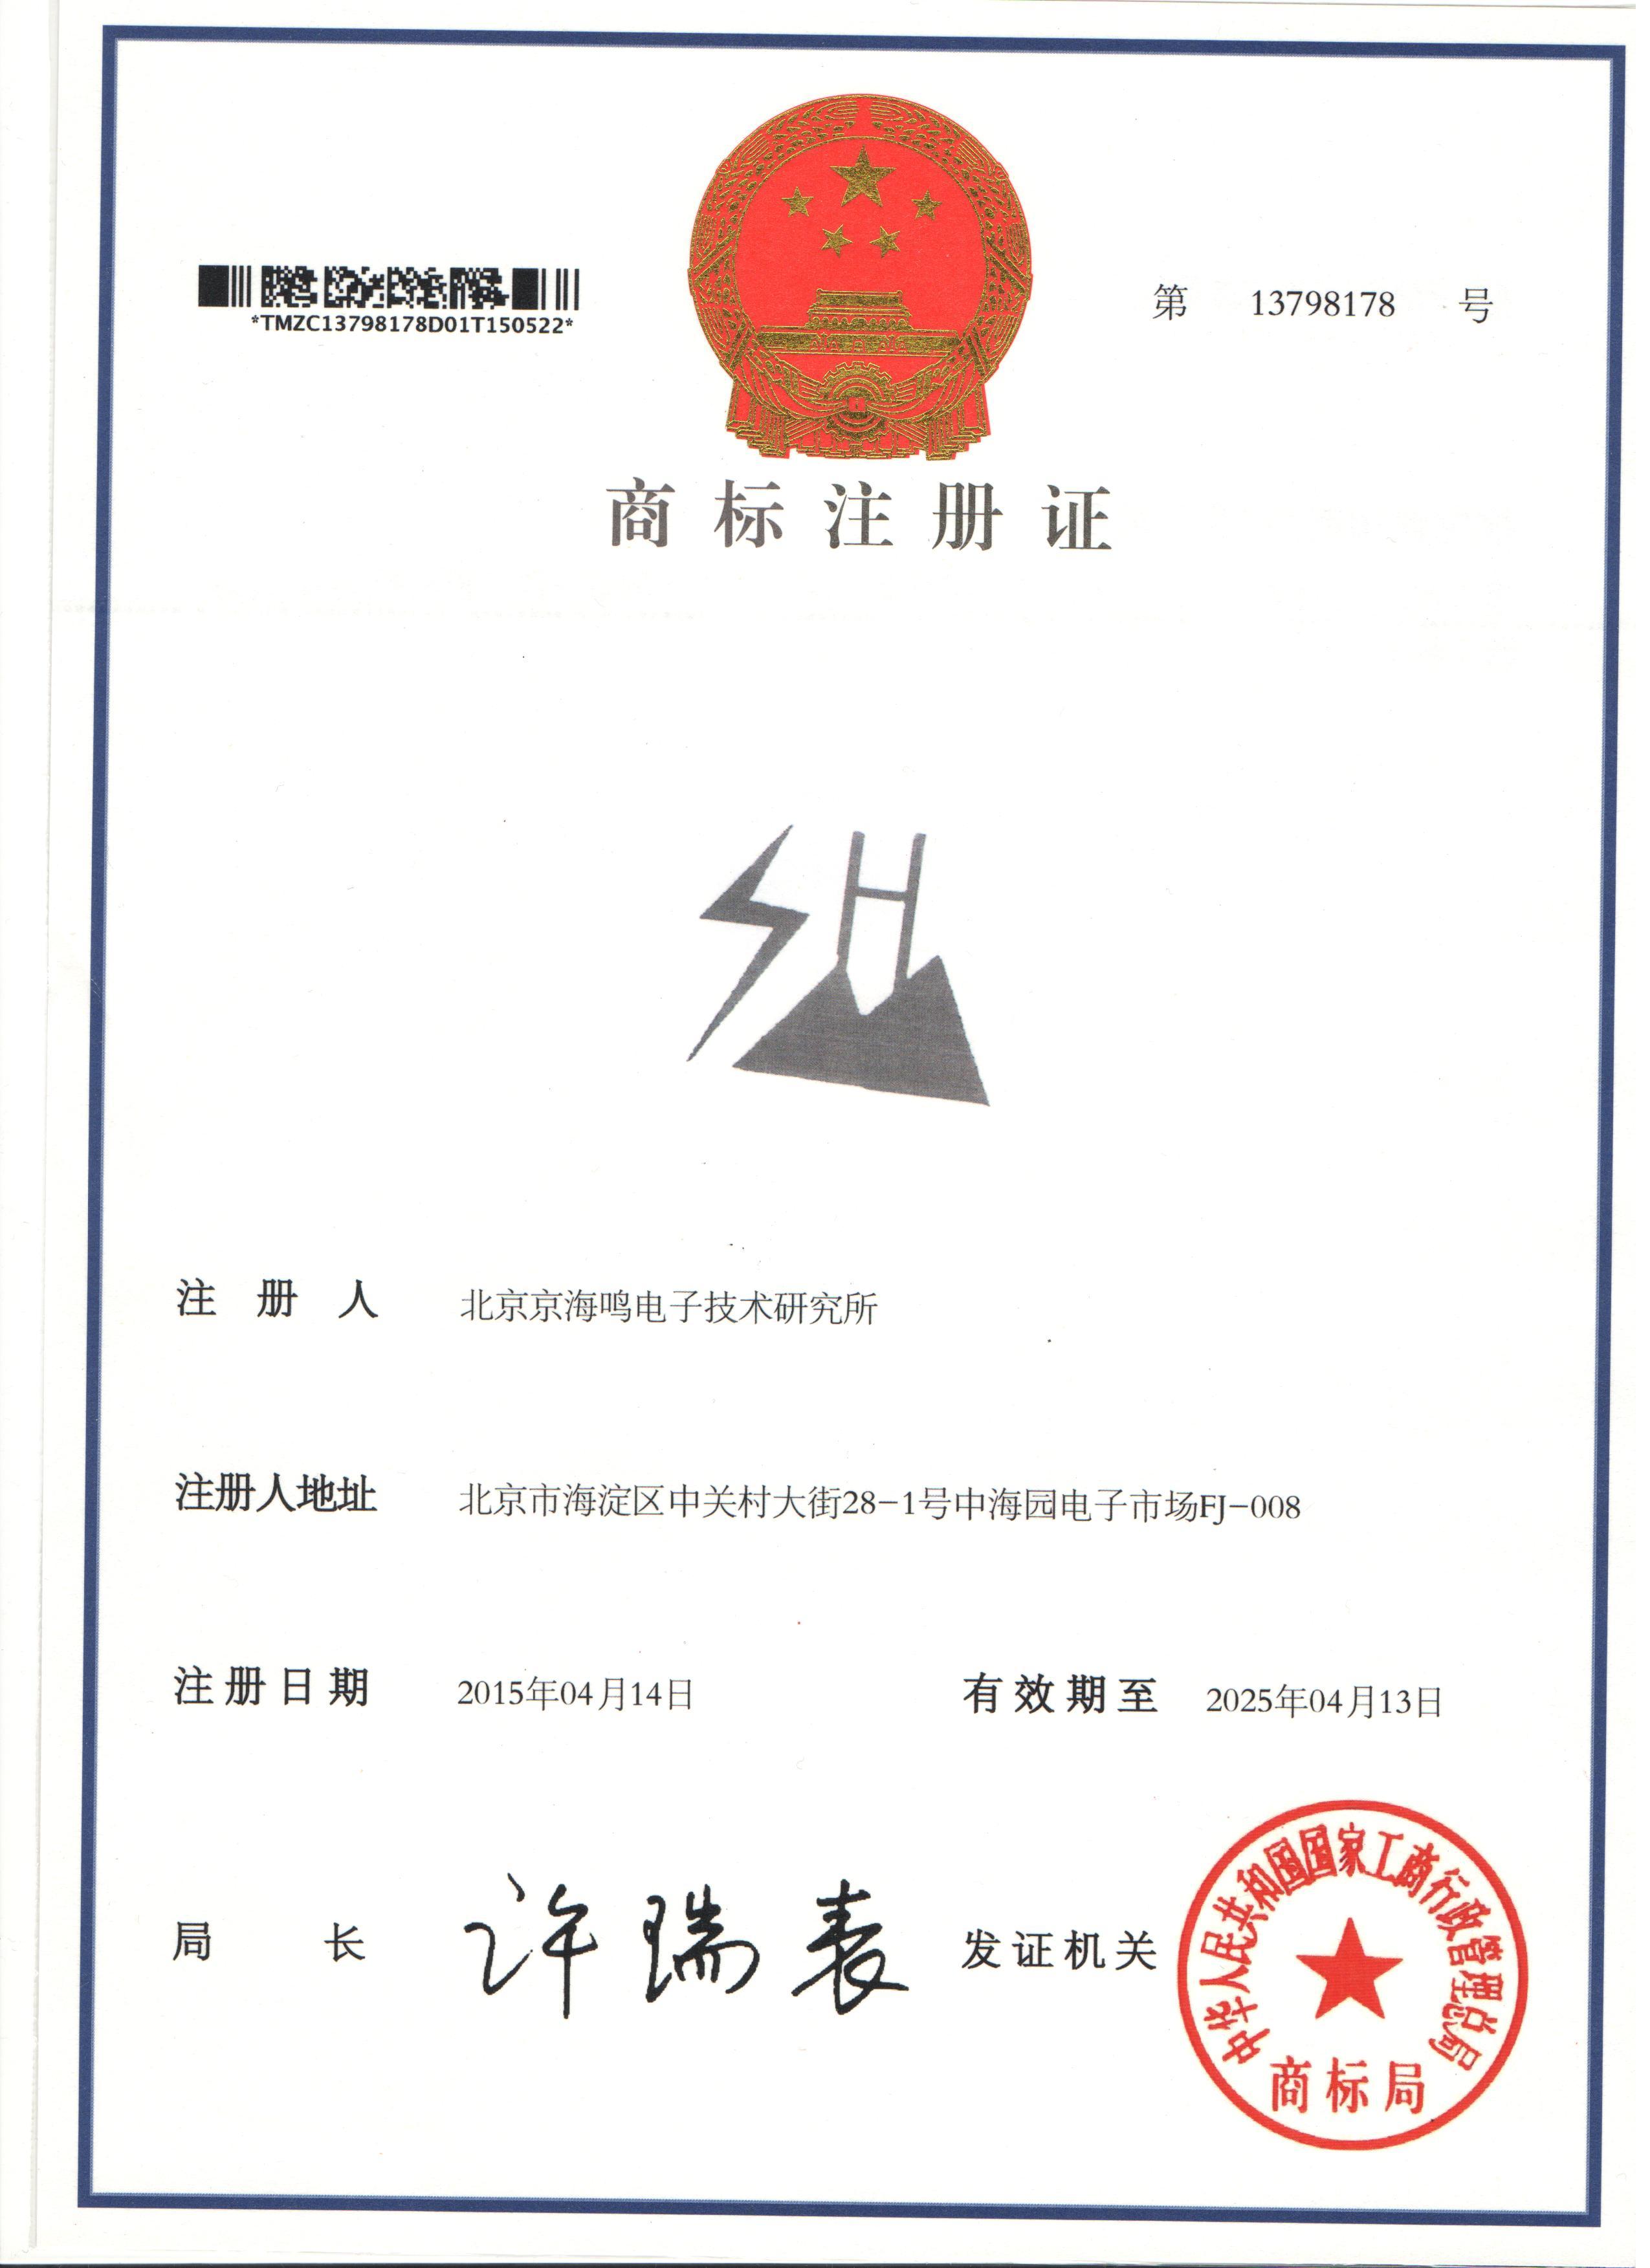 北京京海鸣电子技术研究所